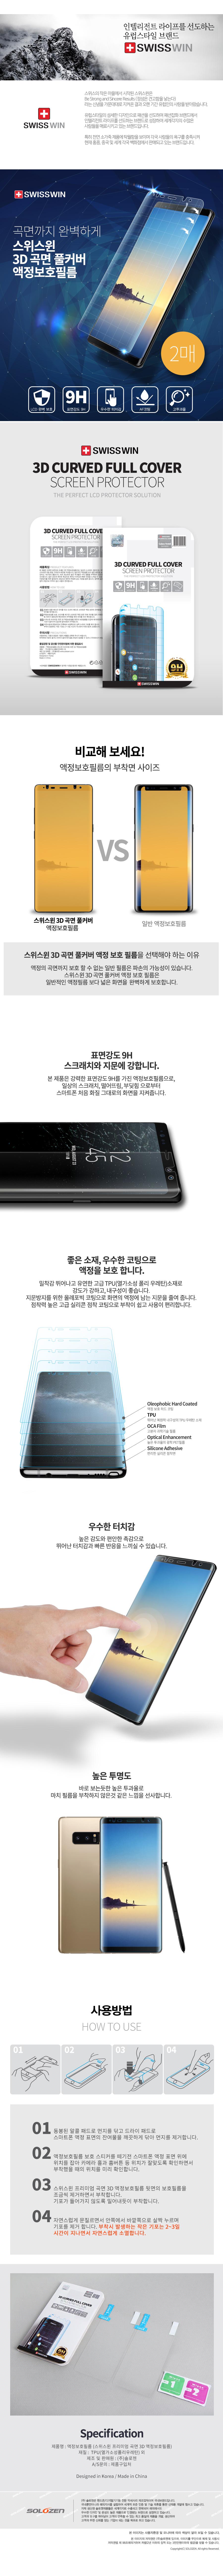 LG G7 G710 스위스윈 곡면 풀커버 액정 보호 필름(TPU) - 솔로젠, 5,000원, 필름/스킨, G7